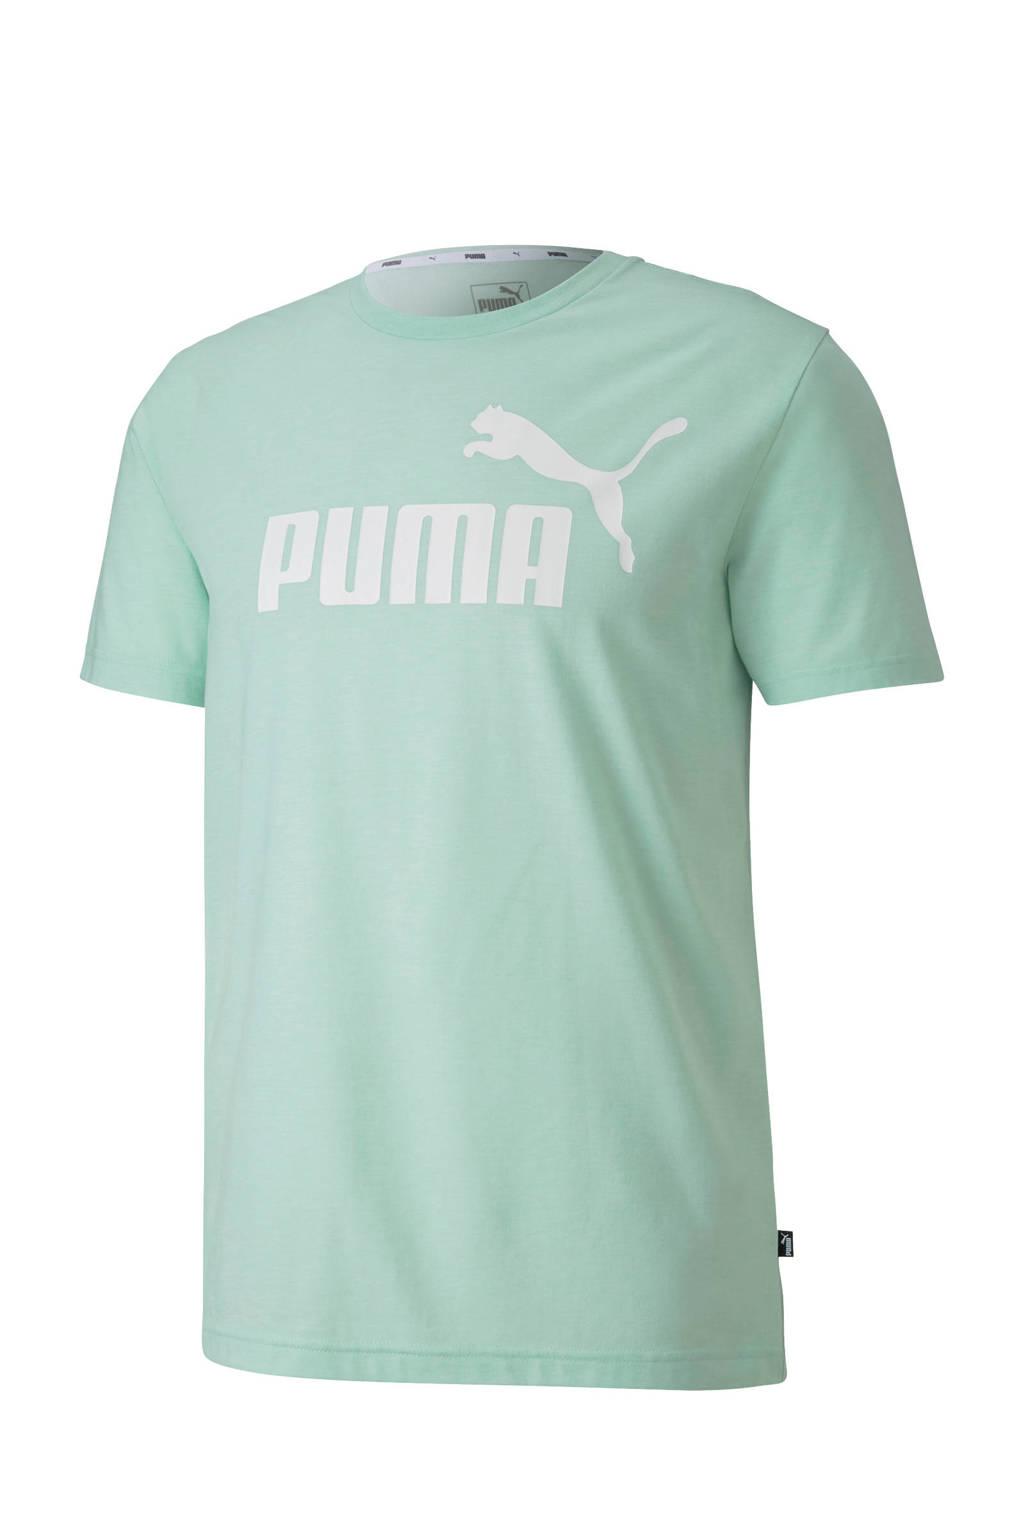 Puma   T-shirt mintgroen, Mintgroen